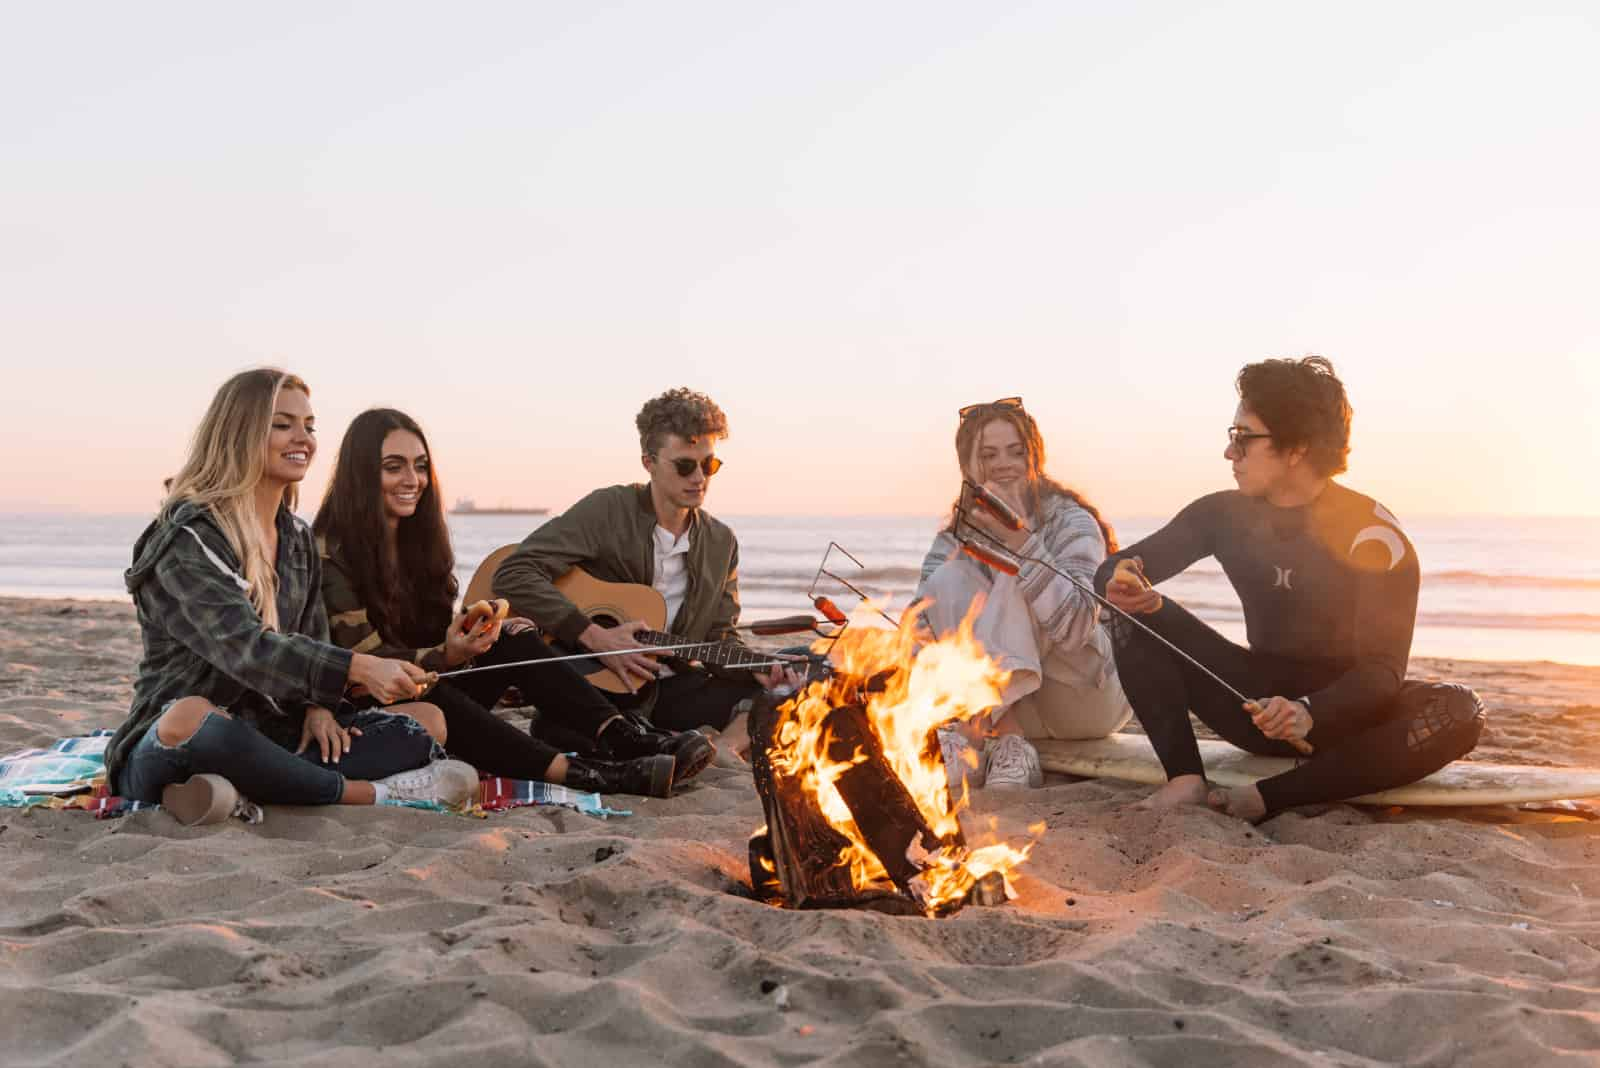 personnes assises sur la plage près d'un feu de camp